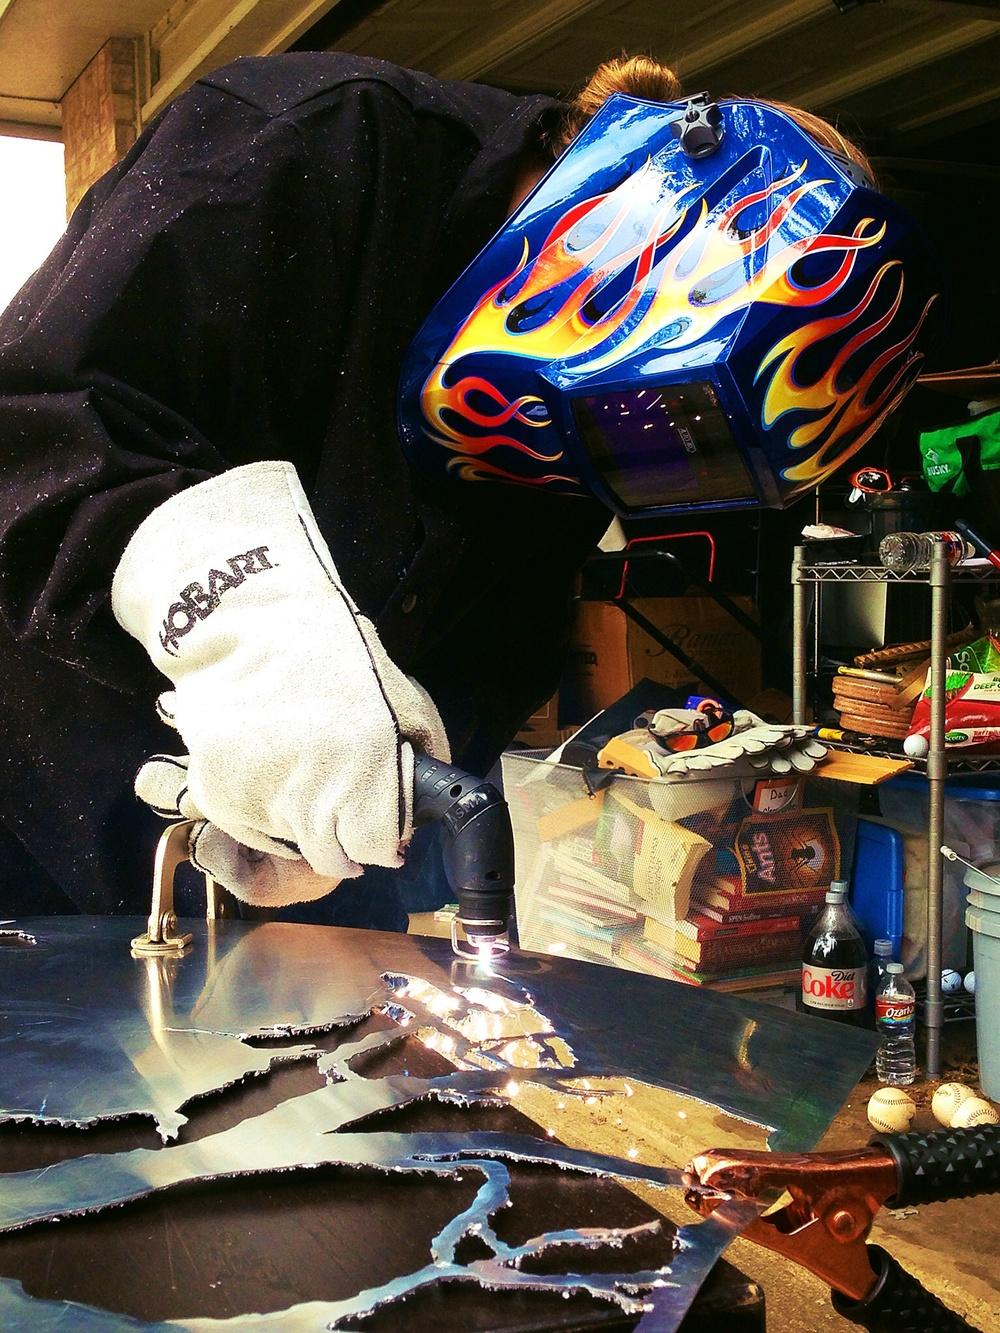 Why yes I do feel like a badass using my Hobart Plasma Cutter!